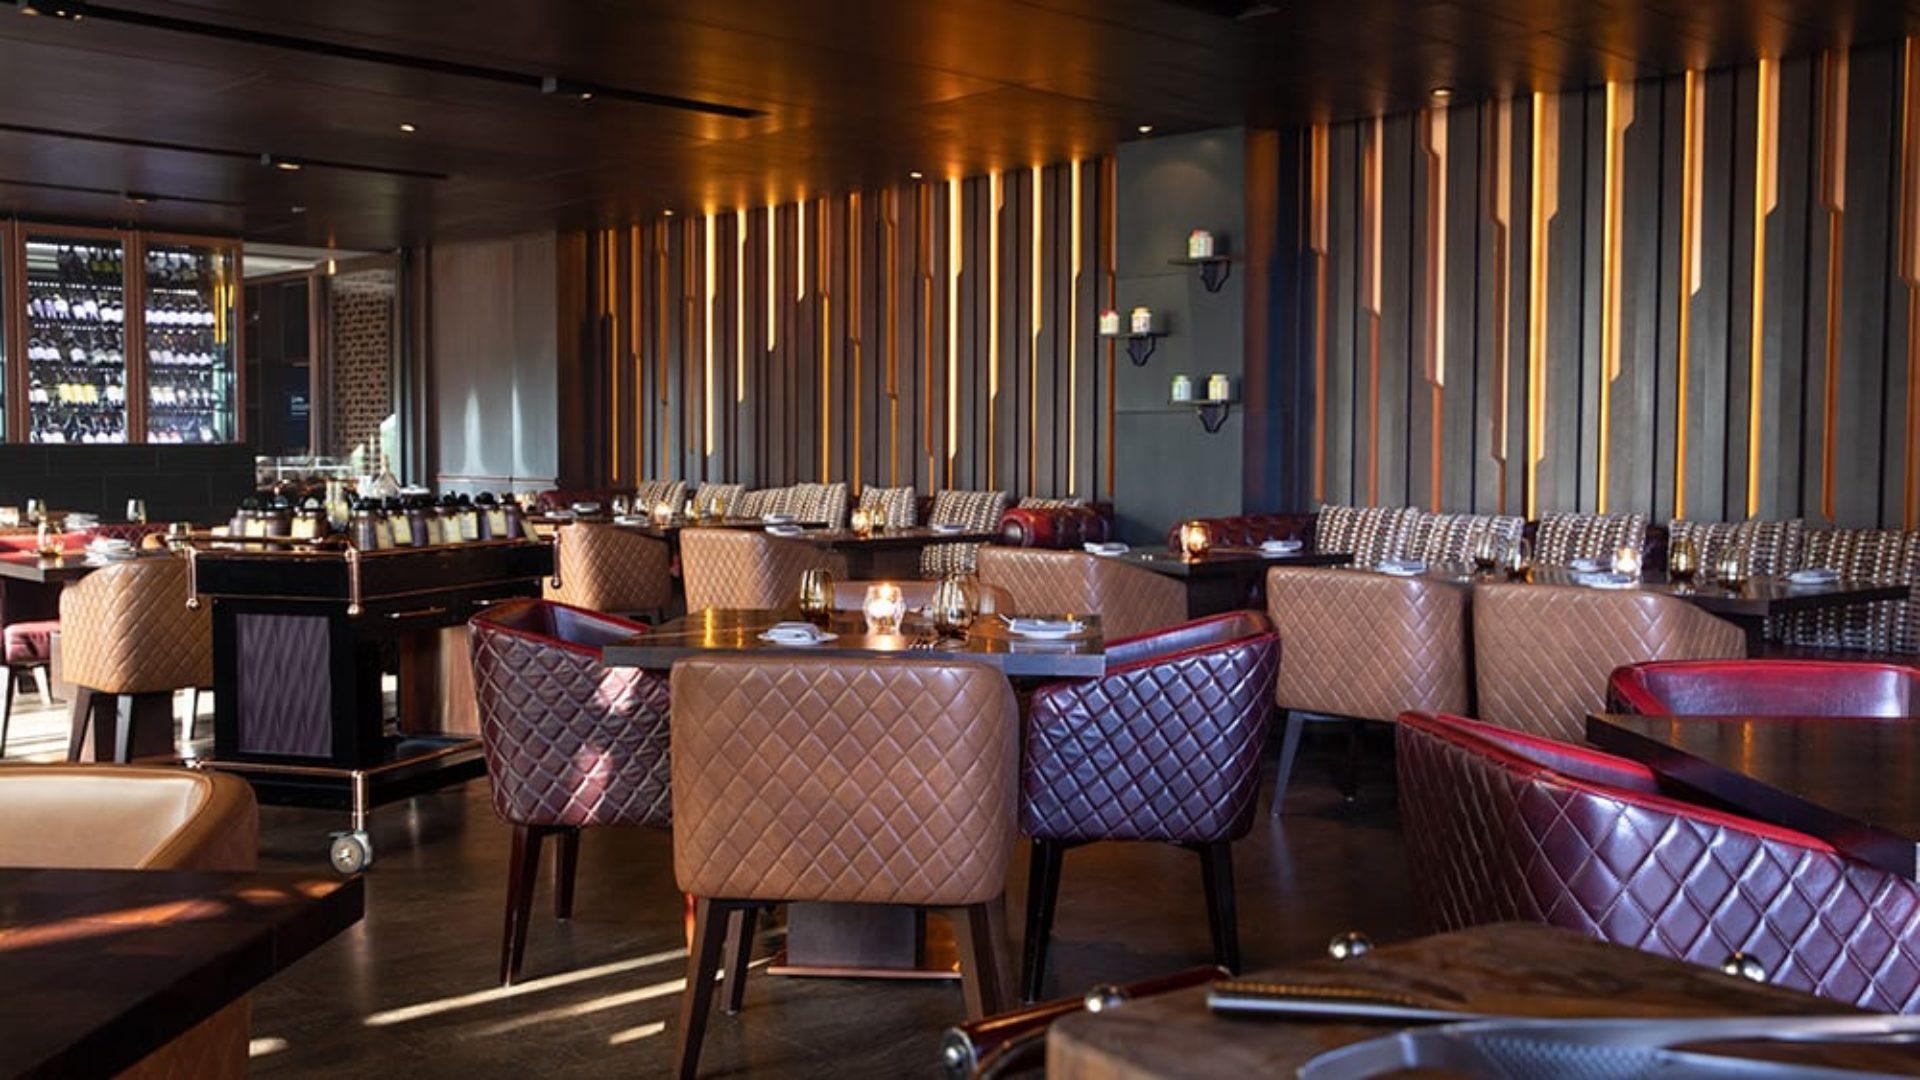 Indoor dining at The Rib Room at Jumeirah Zabeel Saray